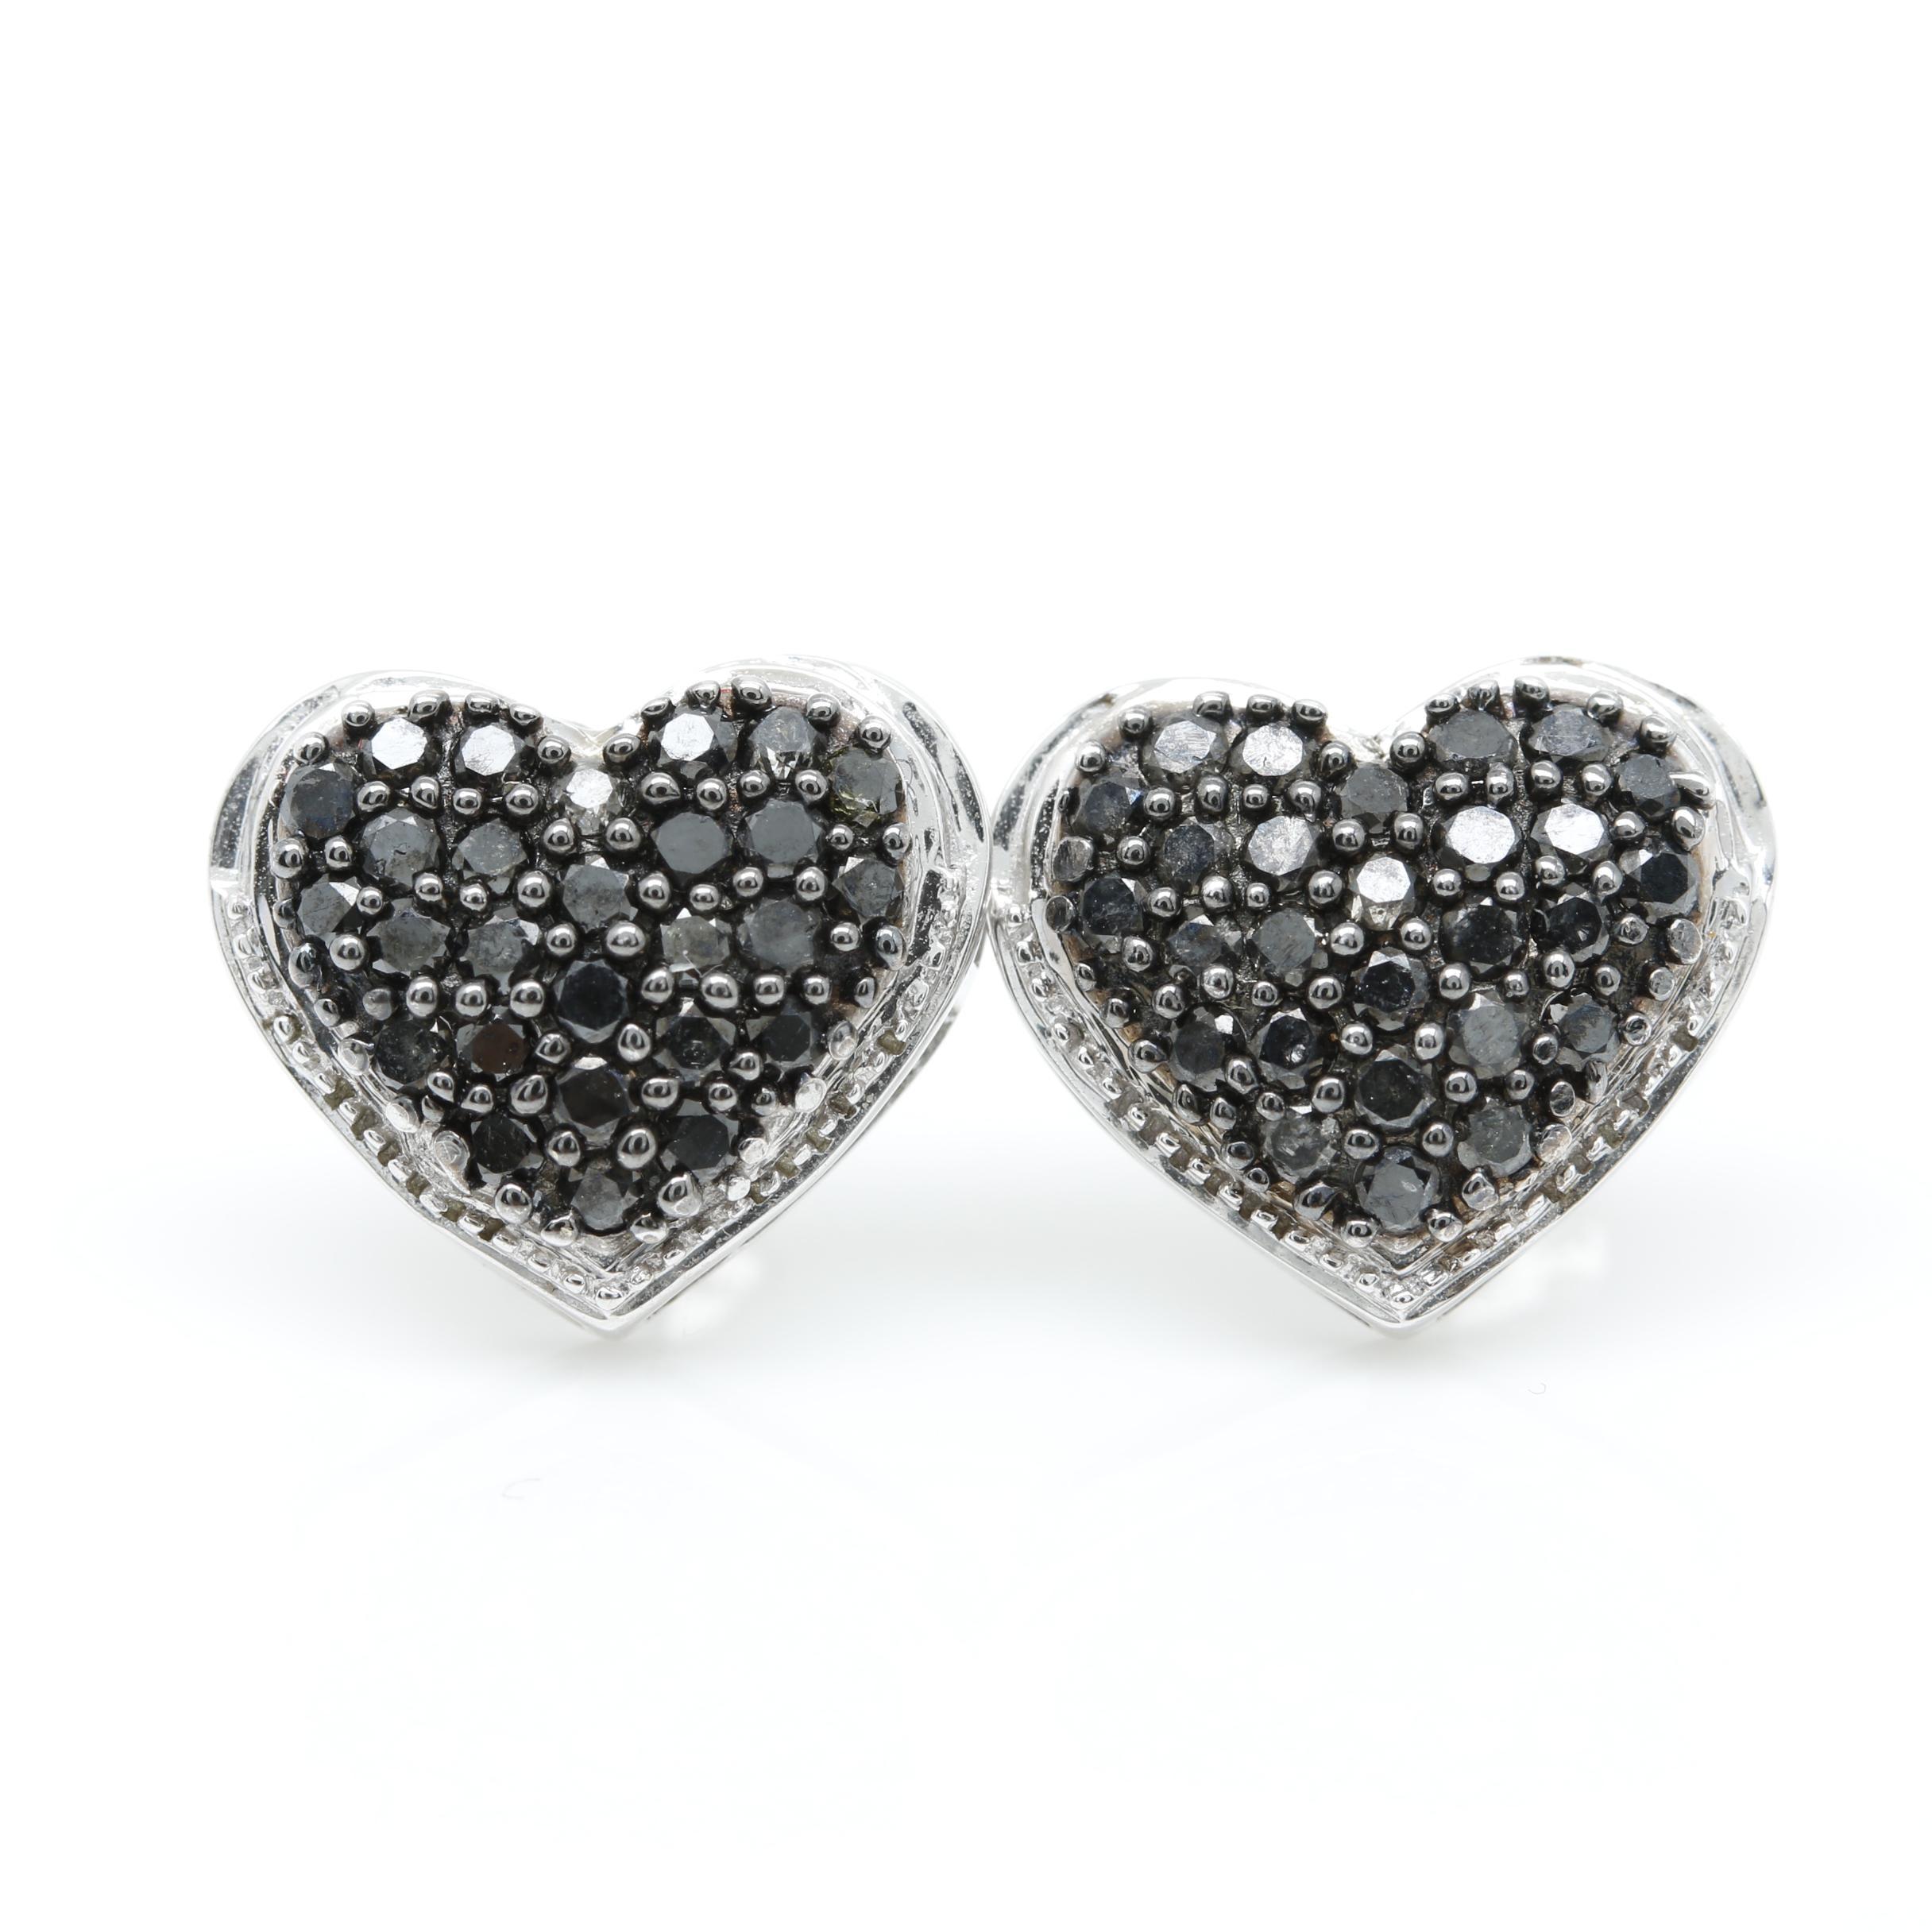 14K White Gold Black Diamond Heart Earrings